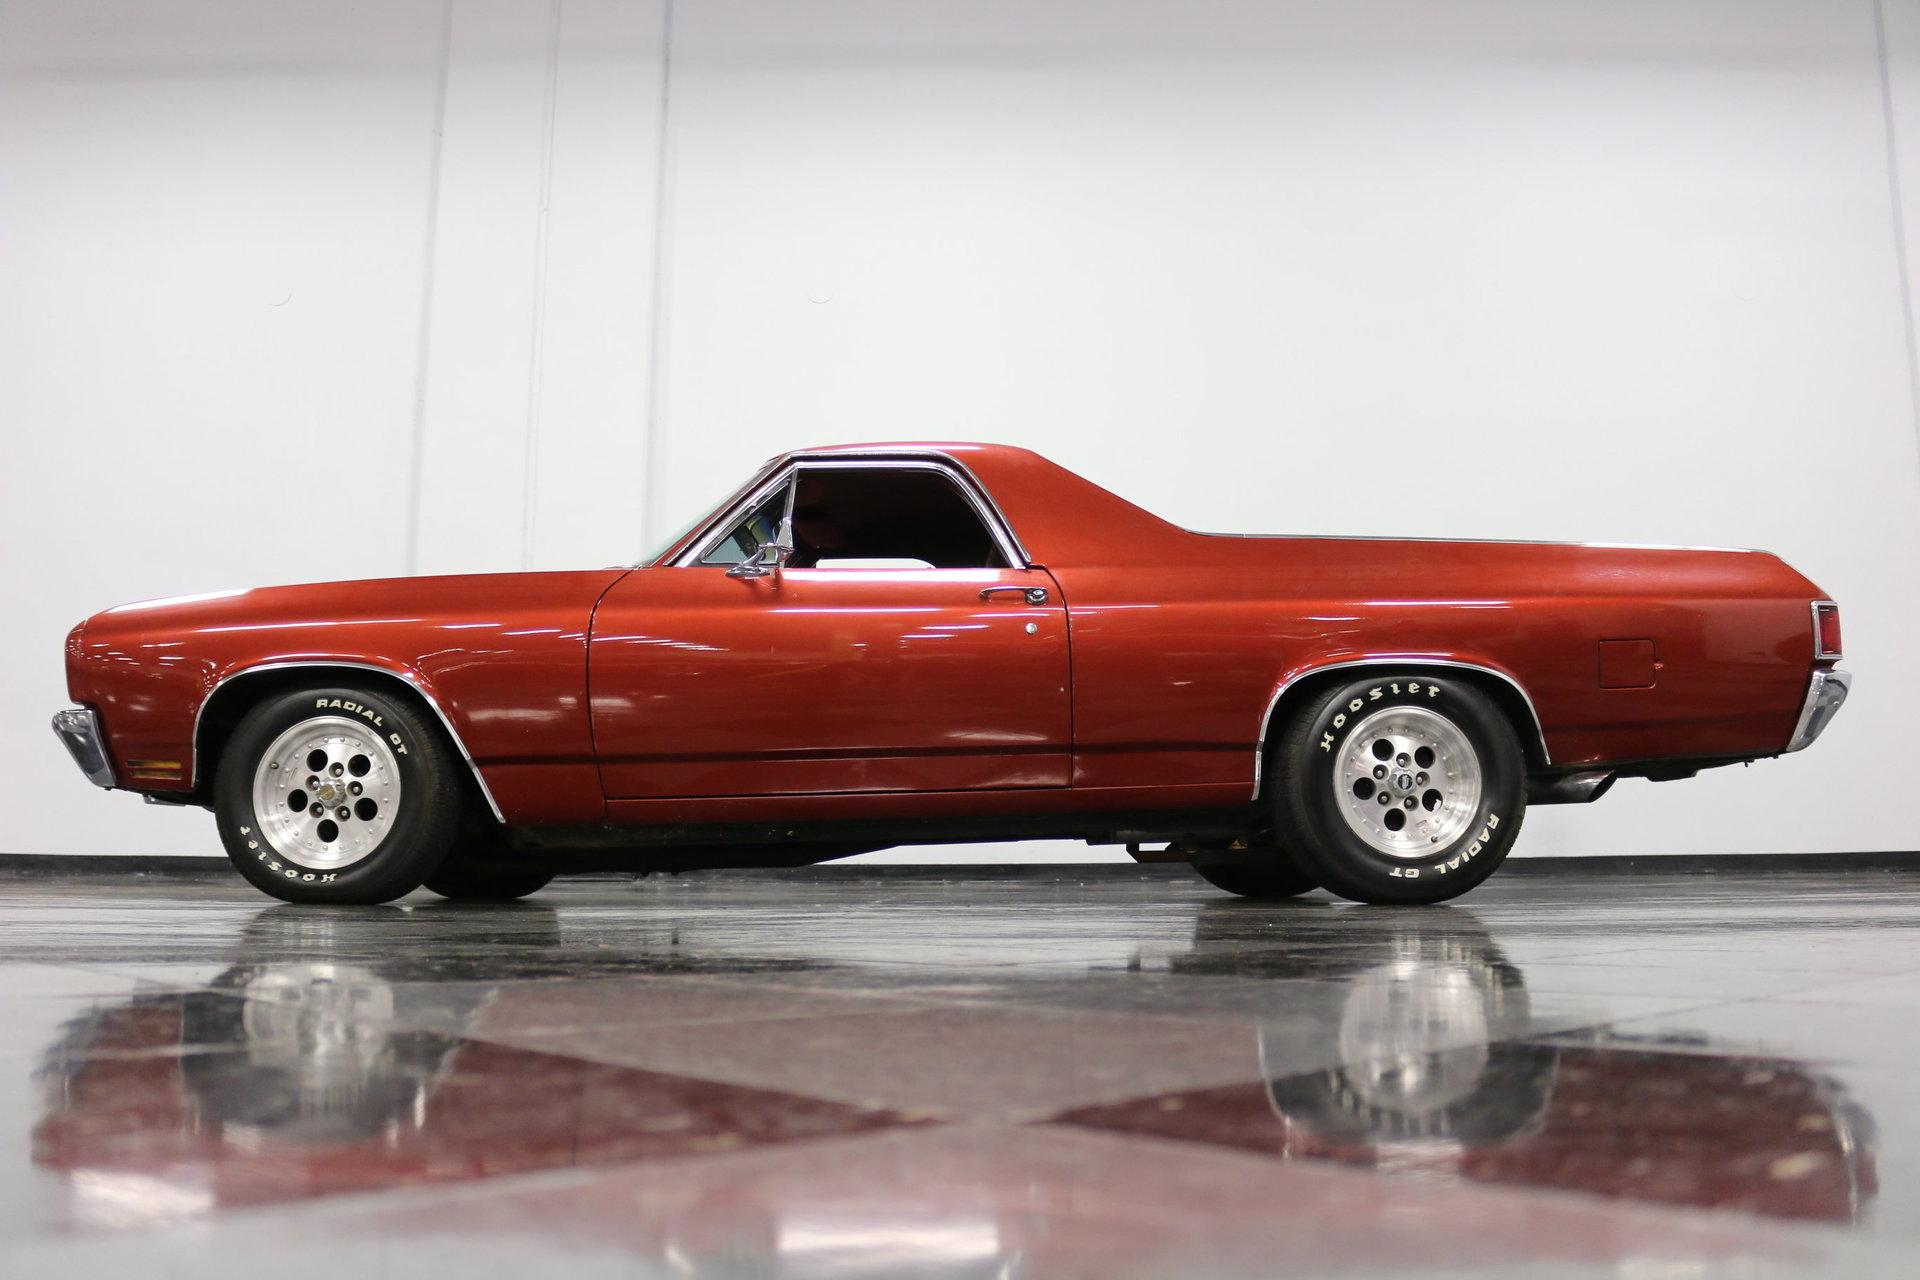 1970 Chevrolet El Camino Streetside Classics The